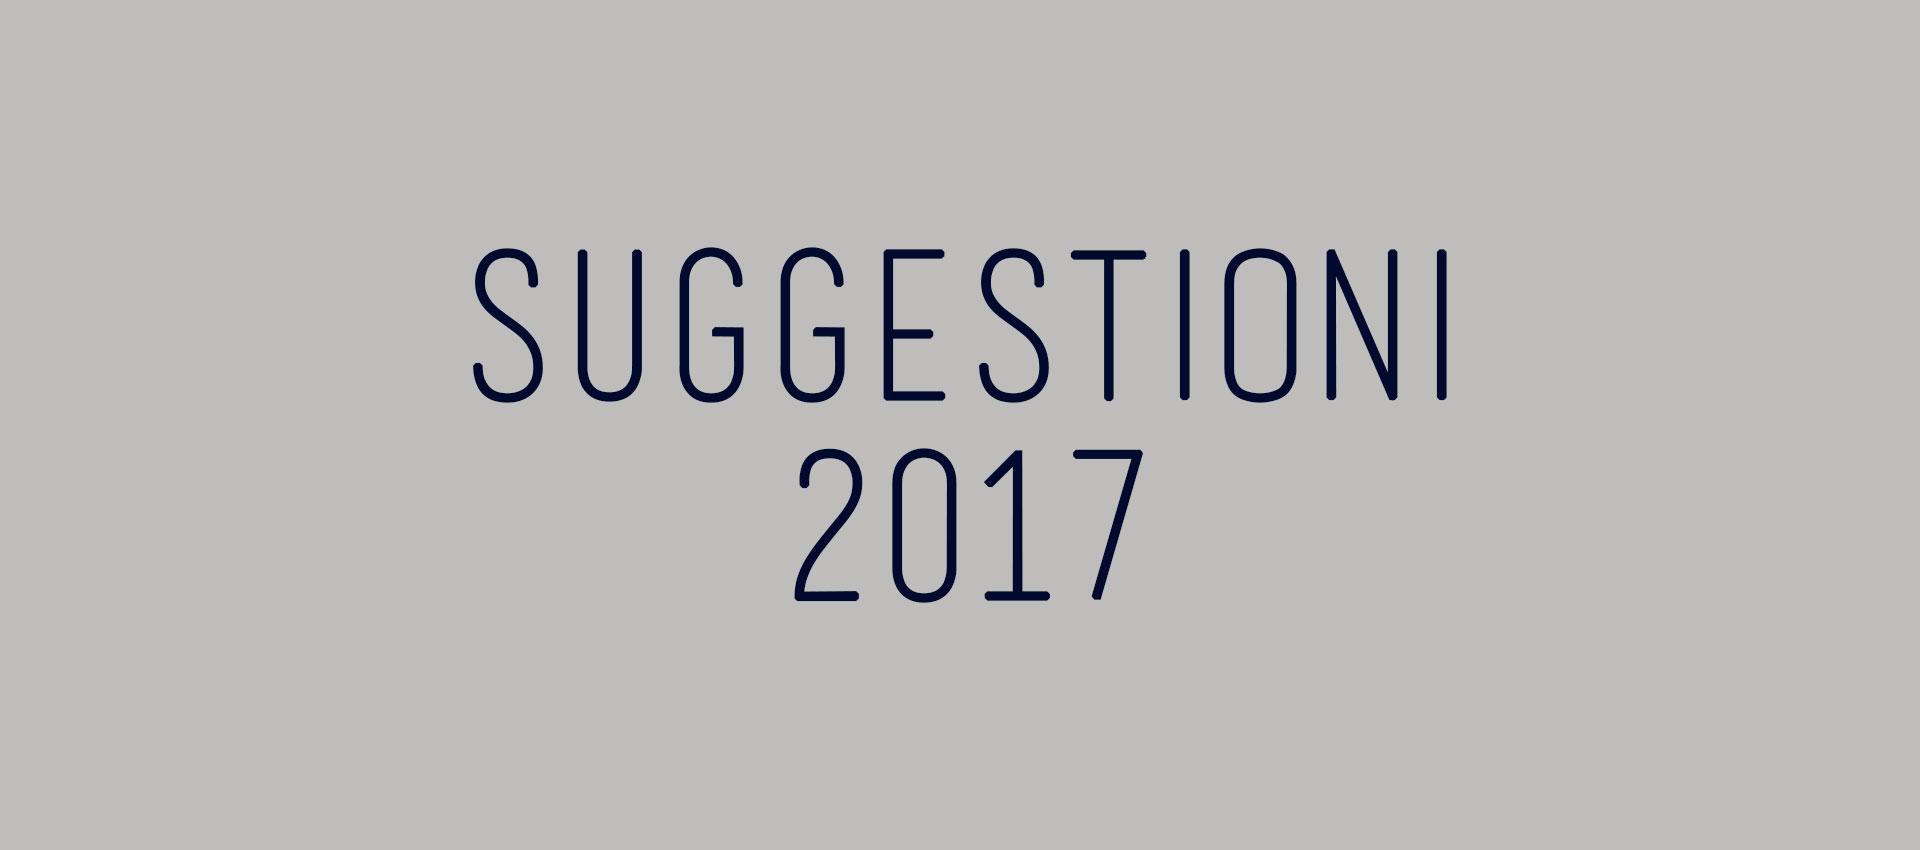 SUGGESTIONI 2017